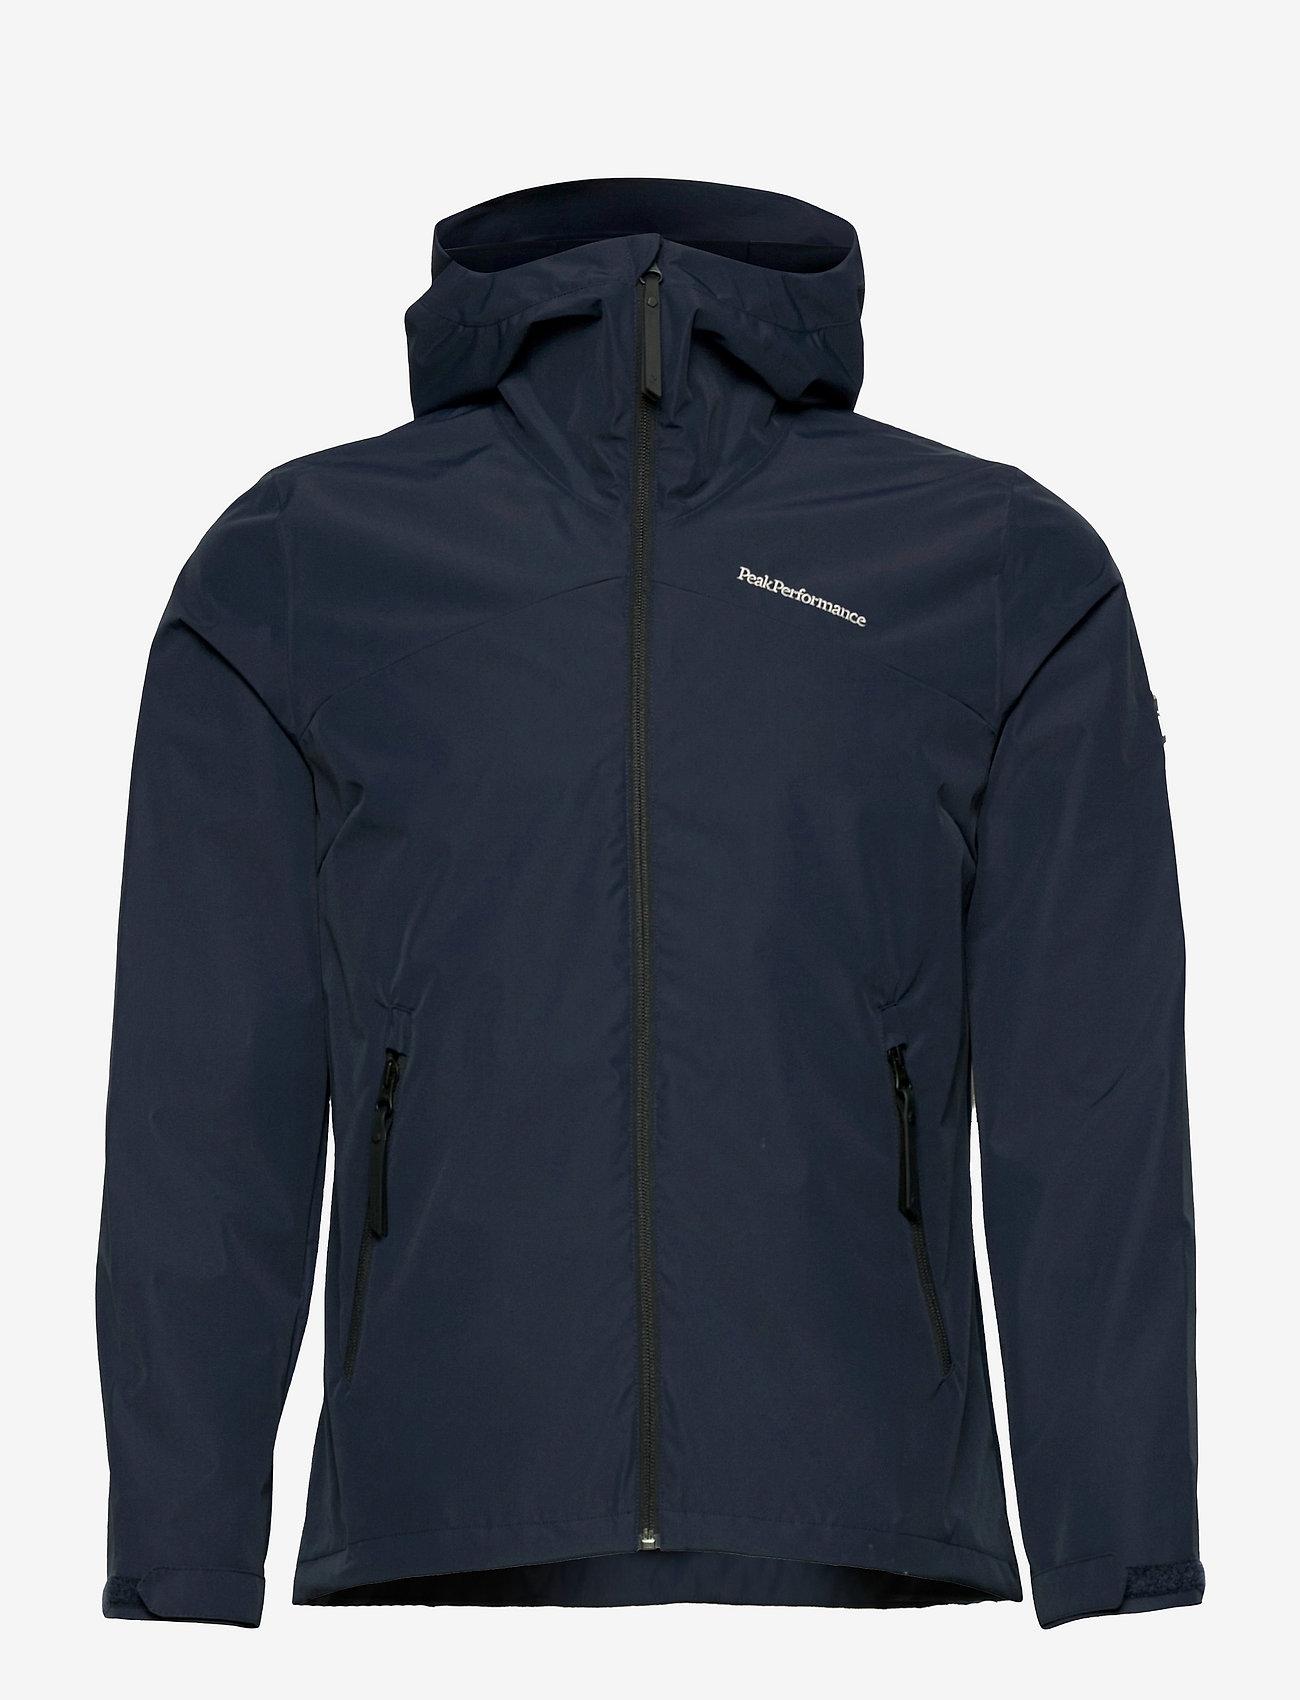 Peak Performance - W Coastal Jacket - ulkoilu- & sadetakit - blue shadow - 0